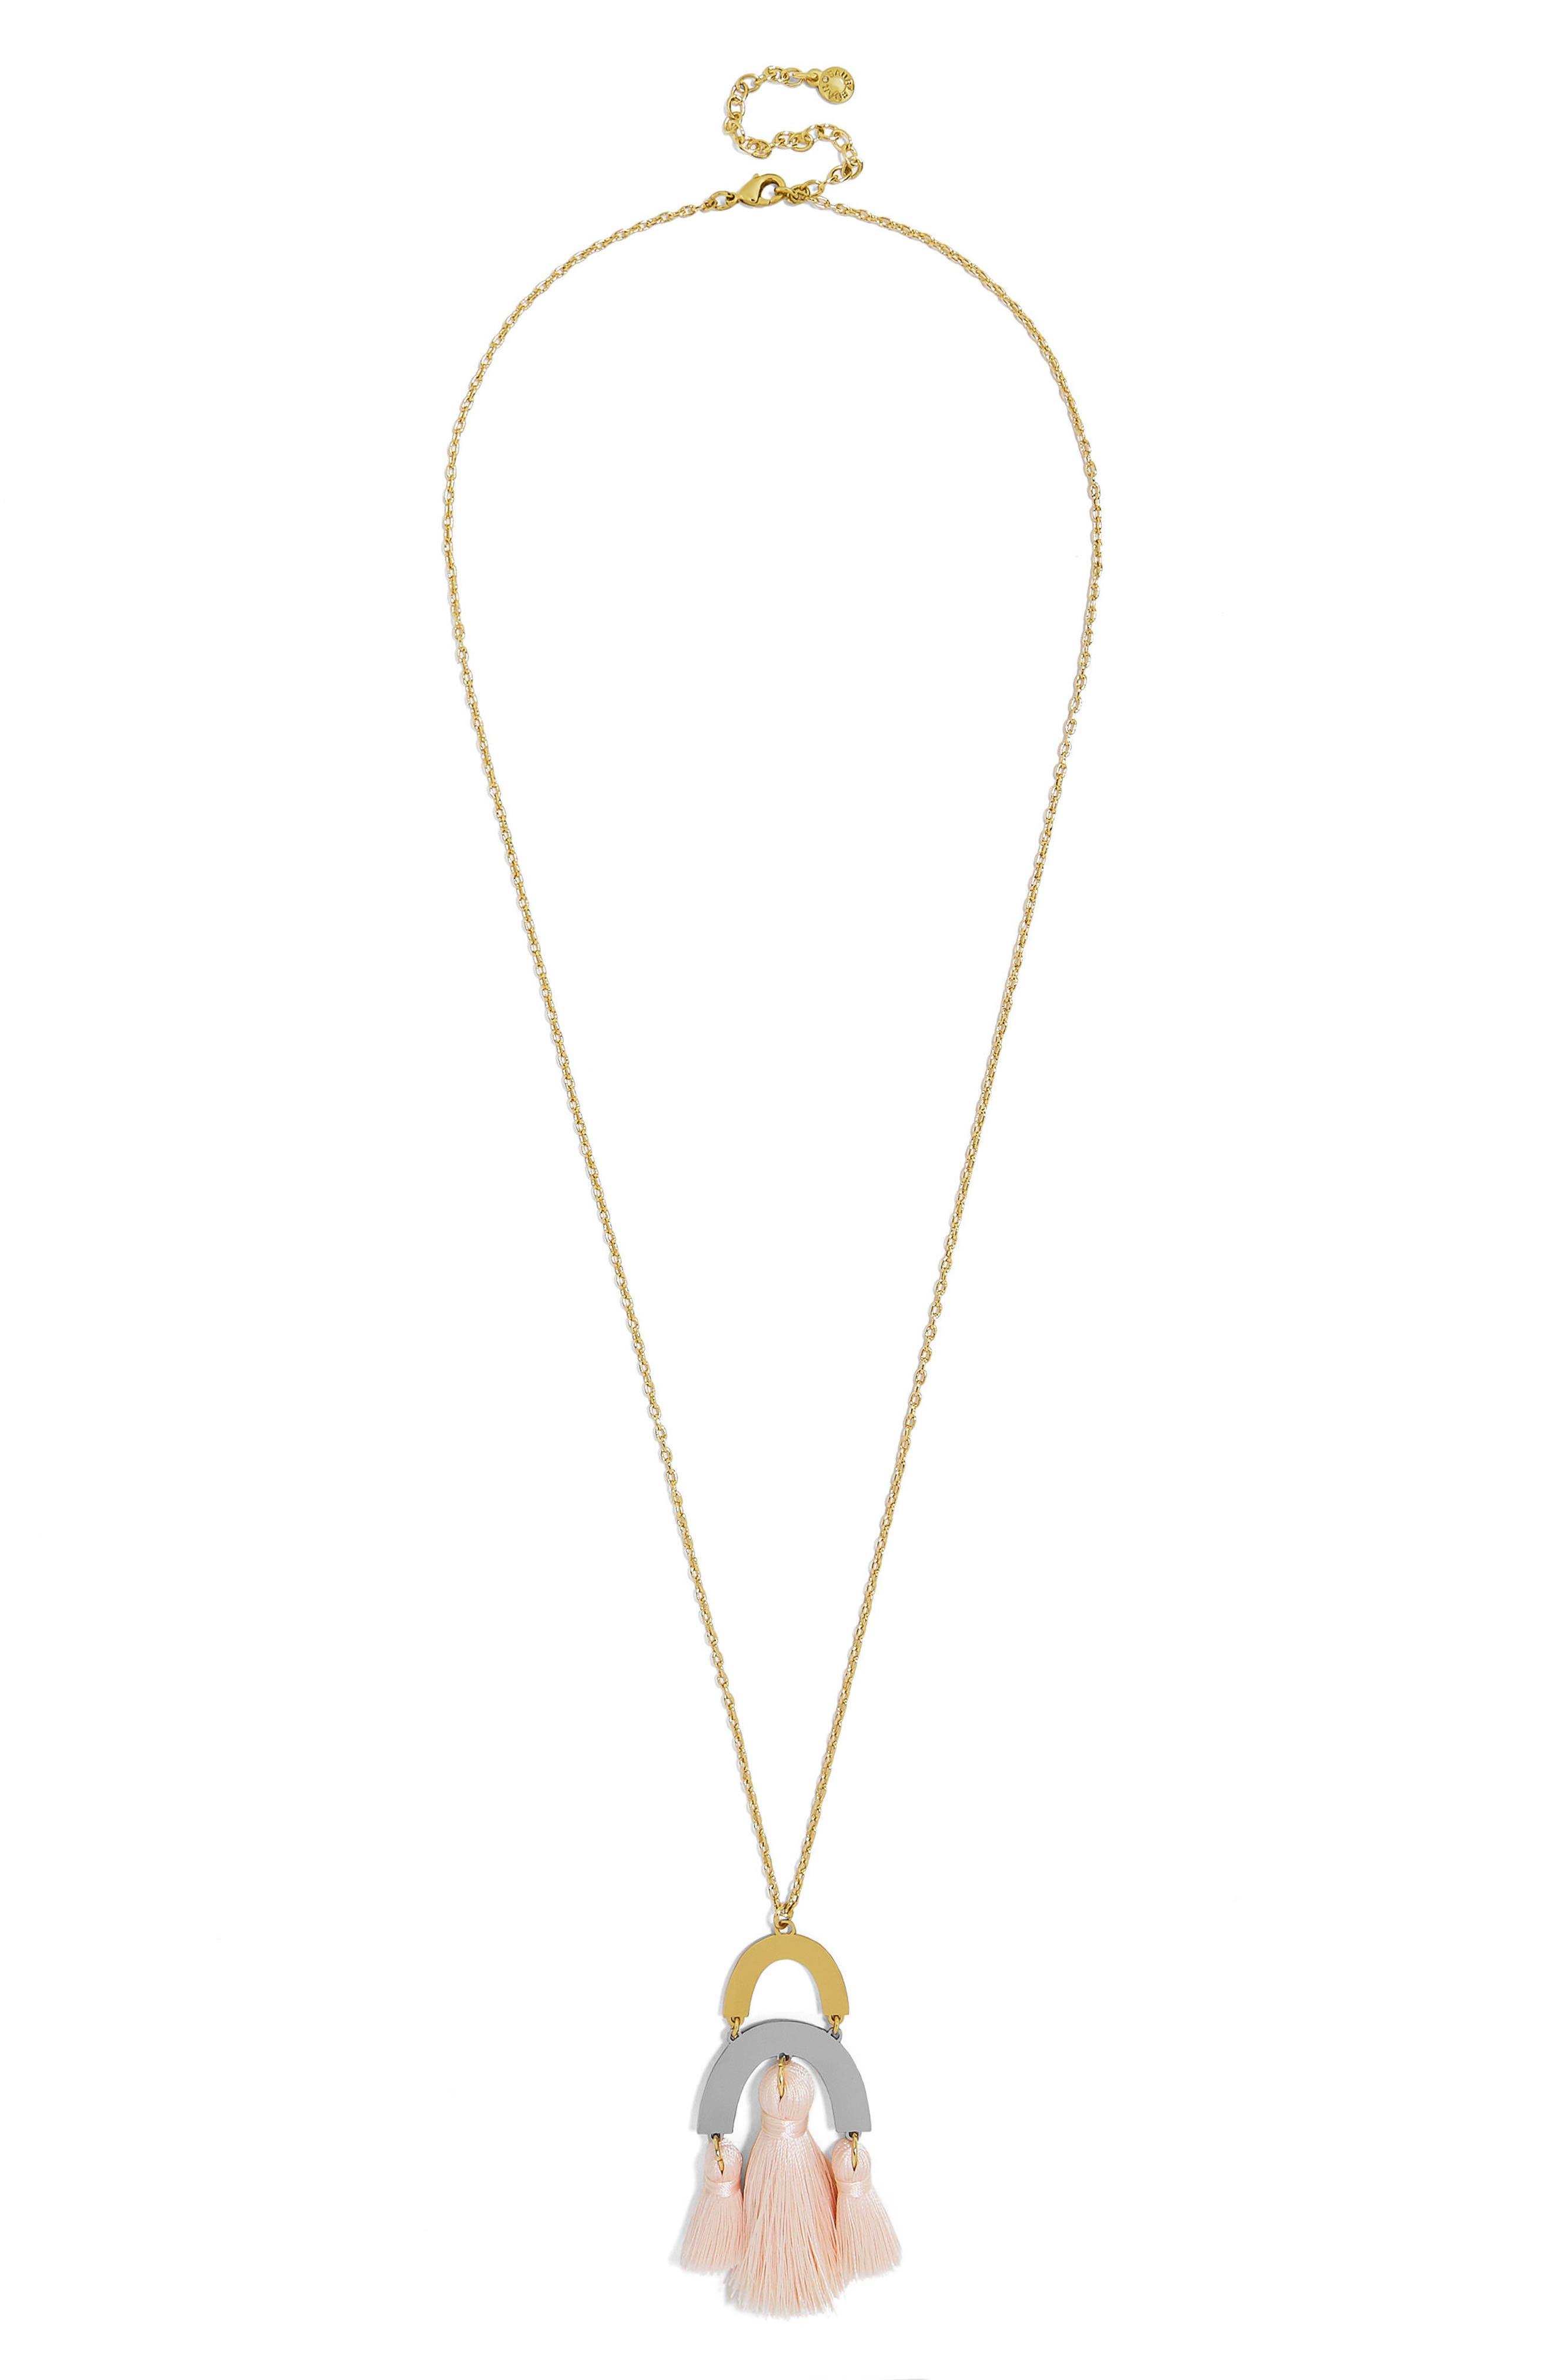 BuableBar Shamia Tassel Pendant Necklace,                             Alternate thumbnail 2, color,                             Blush